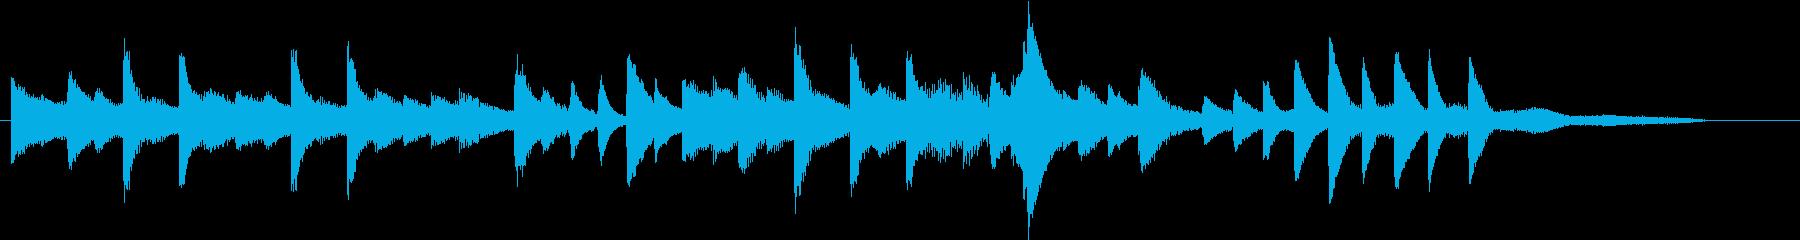 「花のワルツ」クラシックピアノジングルCの再生済みの波形